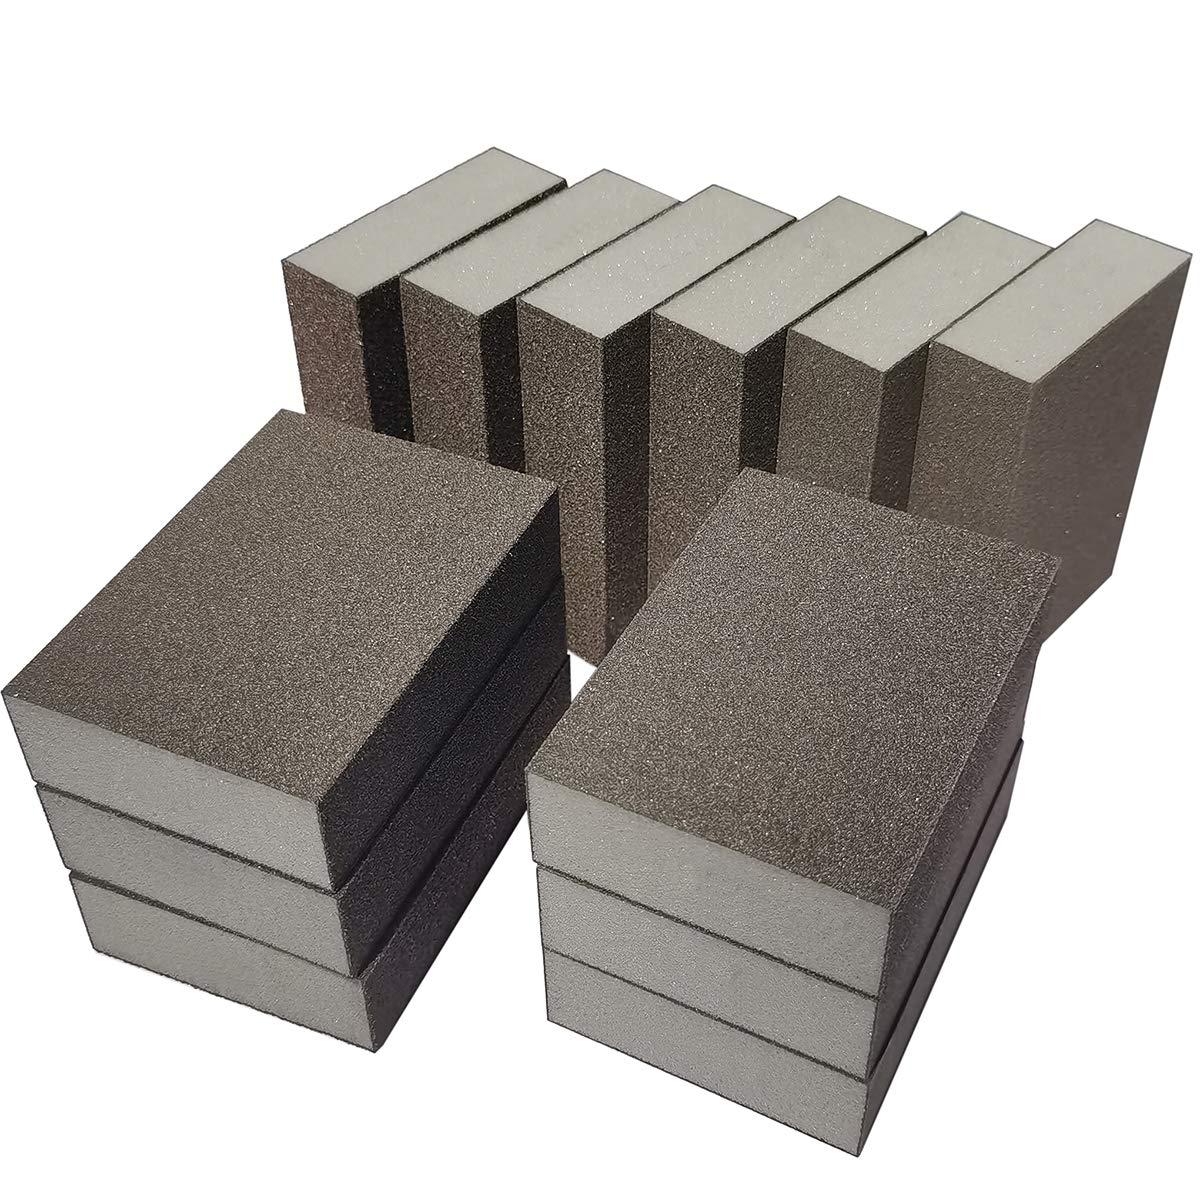 Washable and Reusable Sanding Blocks Great for Pot Brush Pan Brush Sponge Brush Glasses Sanding Wood Sanding Metal Sanding 100 Grit-10 Pack Sackorange 10 Pack 100 Grit Sanding Sponge